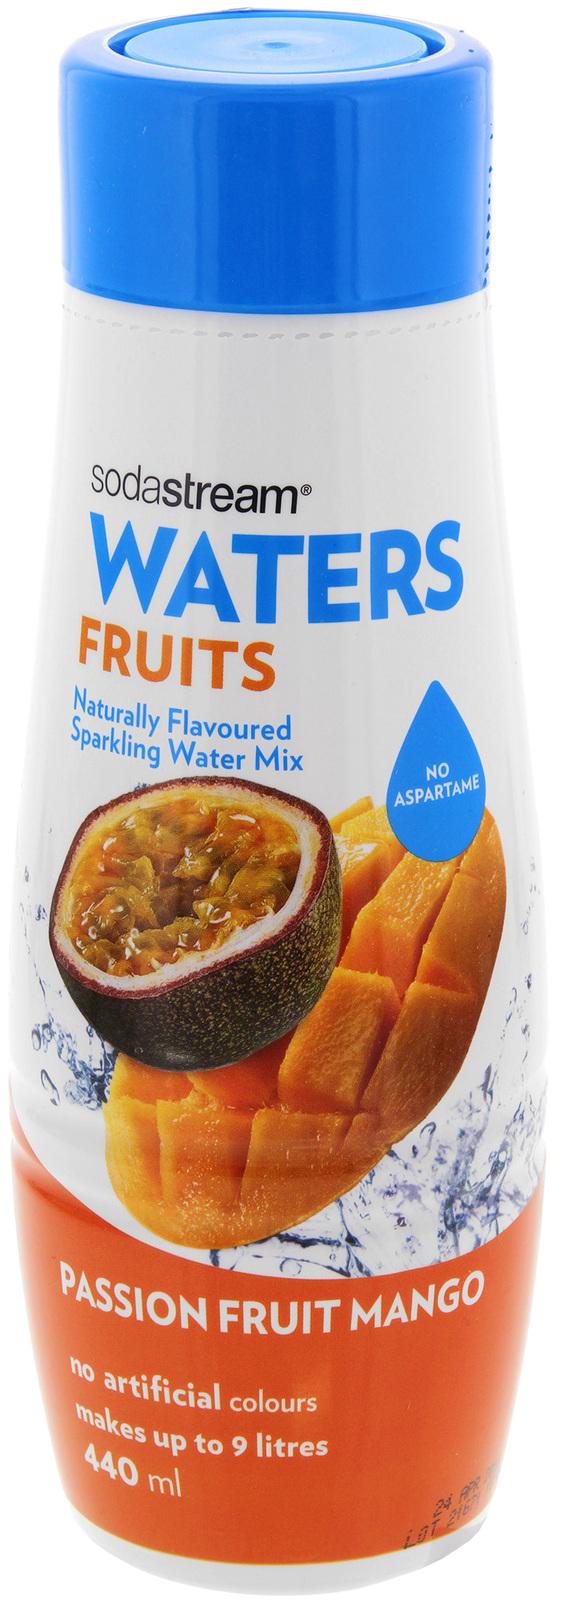 0e2d776ca2ca Sodastream Fruits - Passionfruit Mango (440ml) | at Mighty Ape NZ